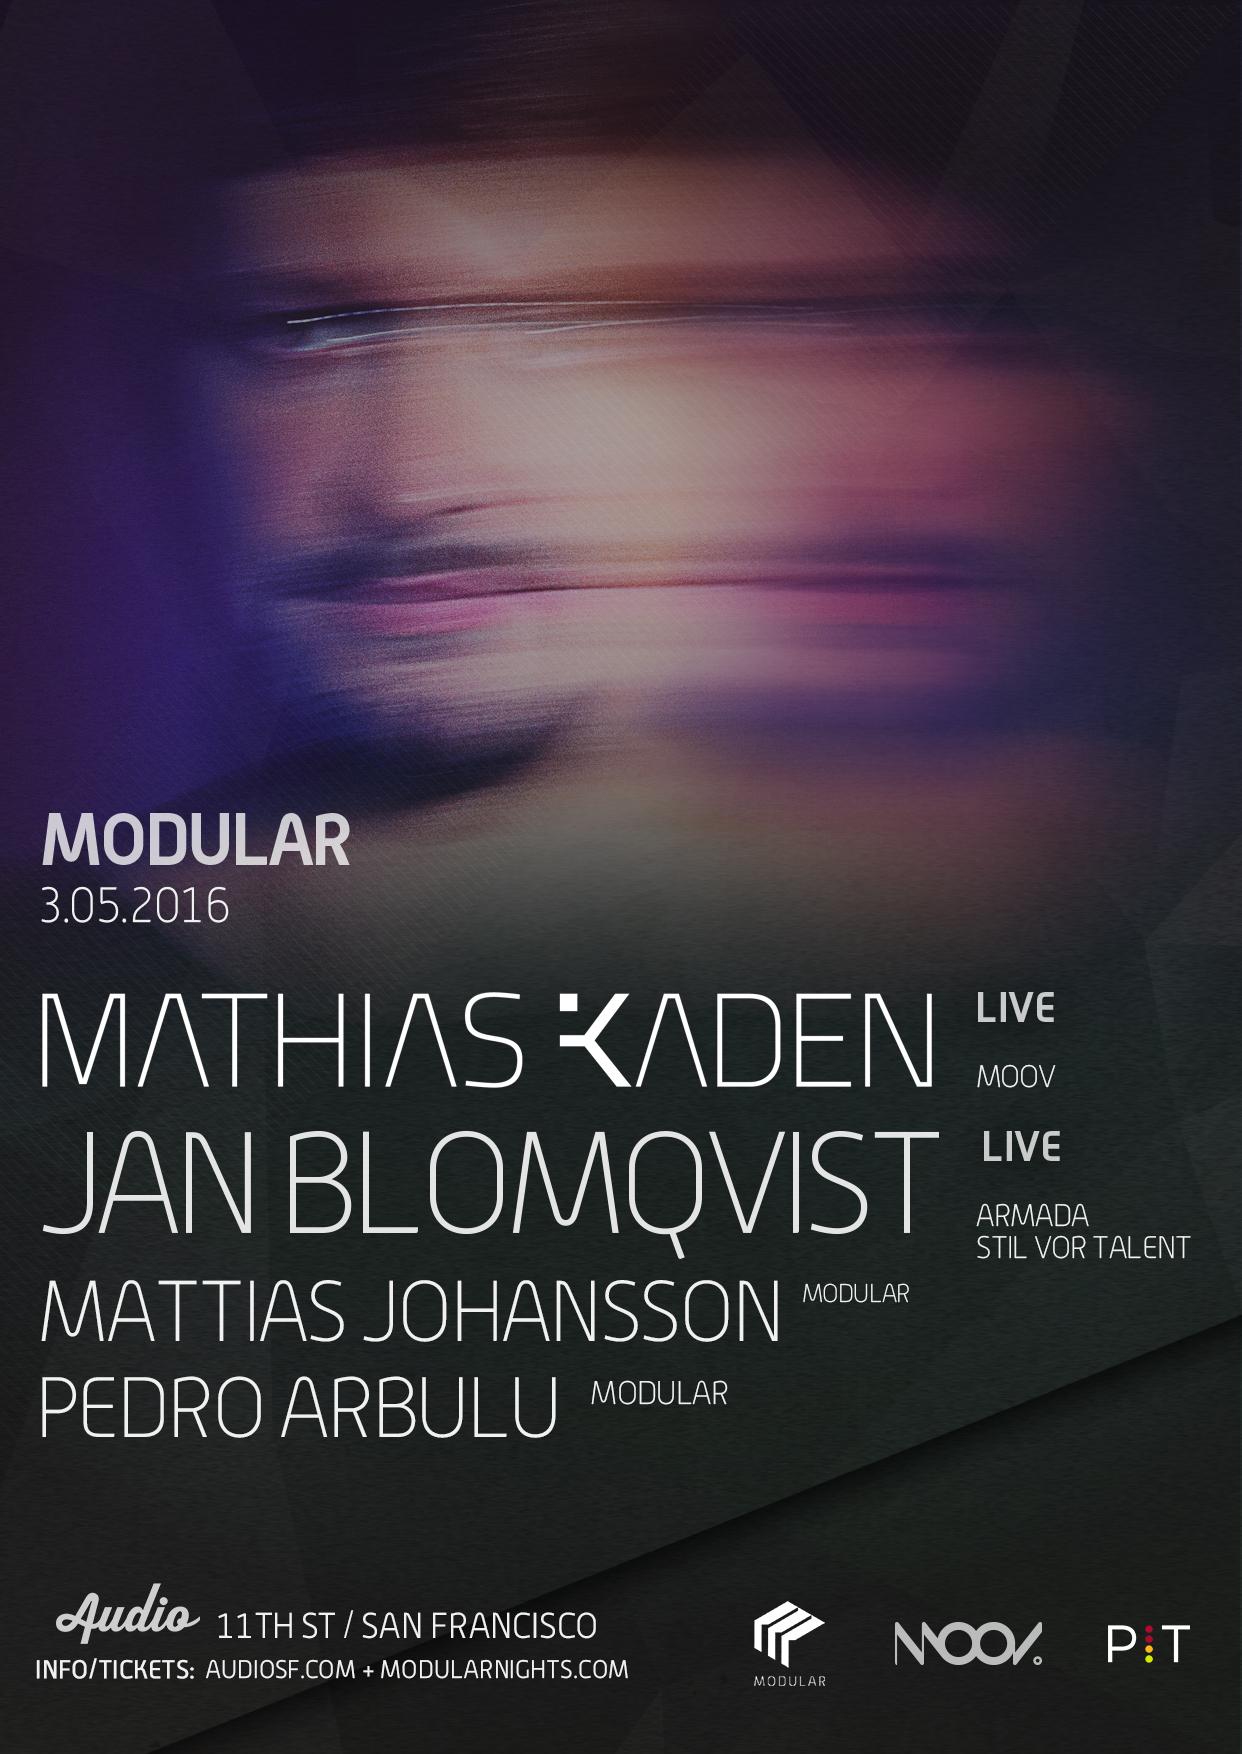 Kaden_Blomqvist_01